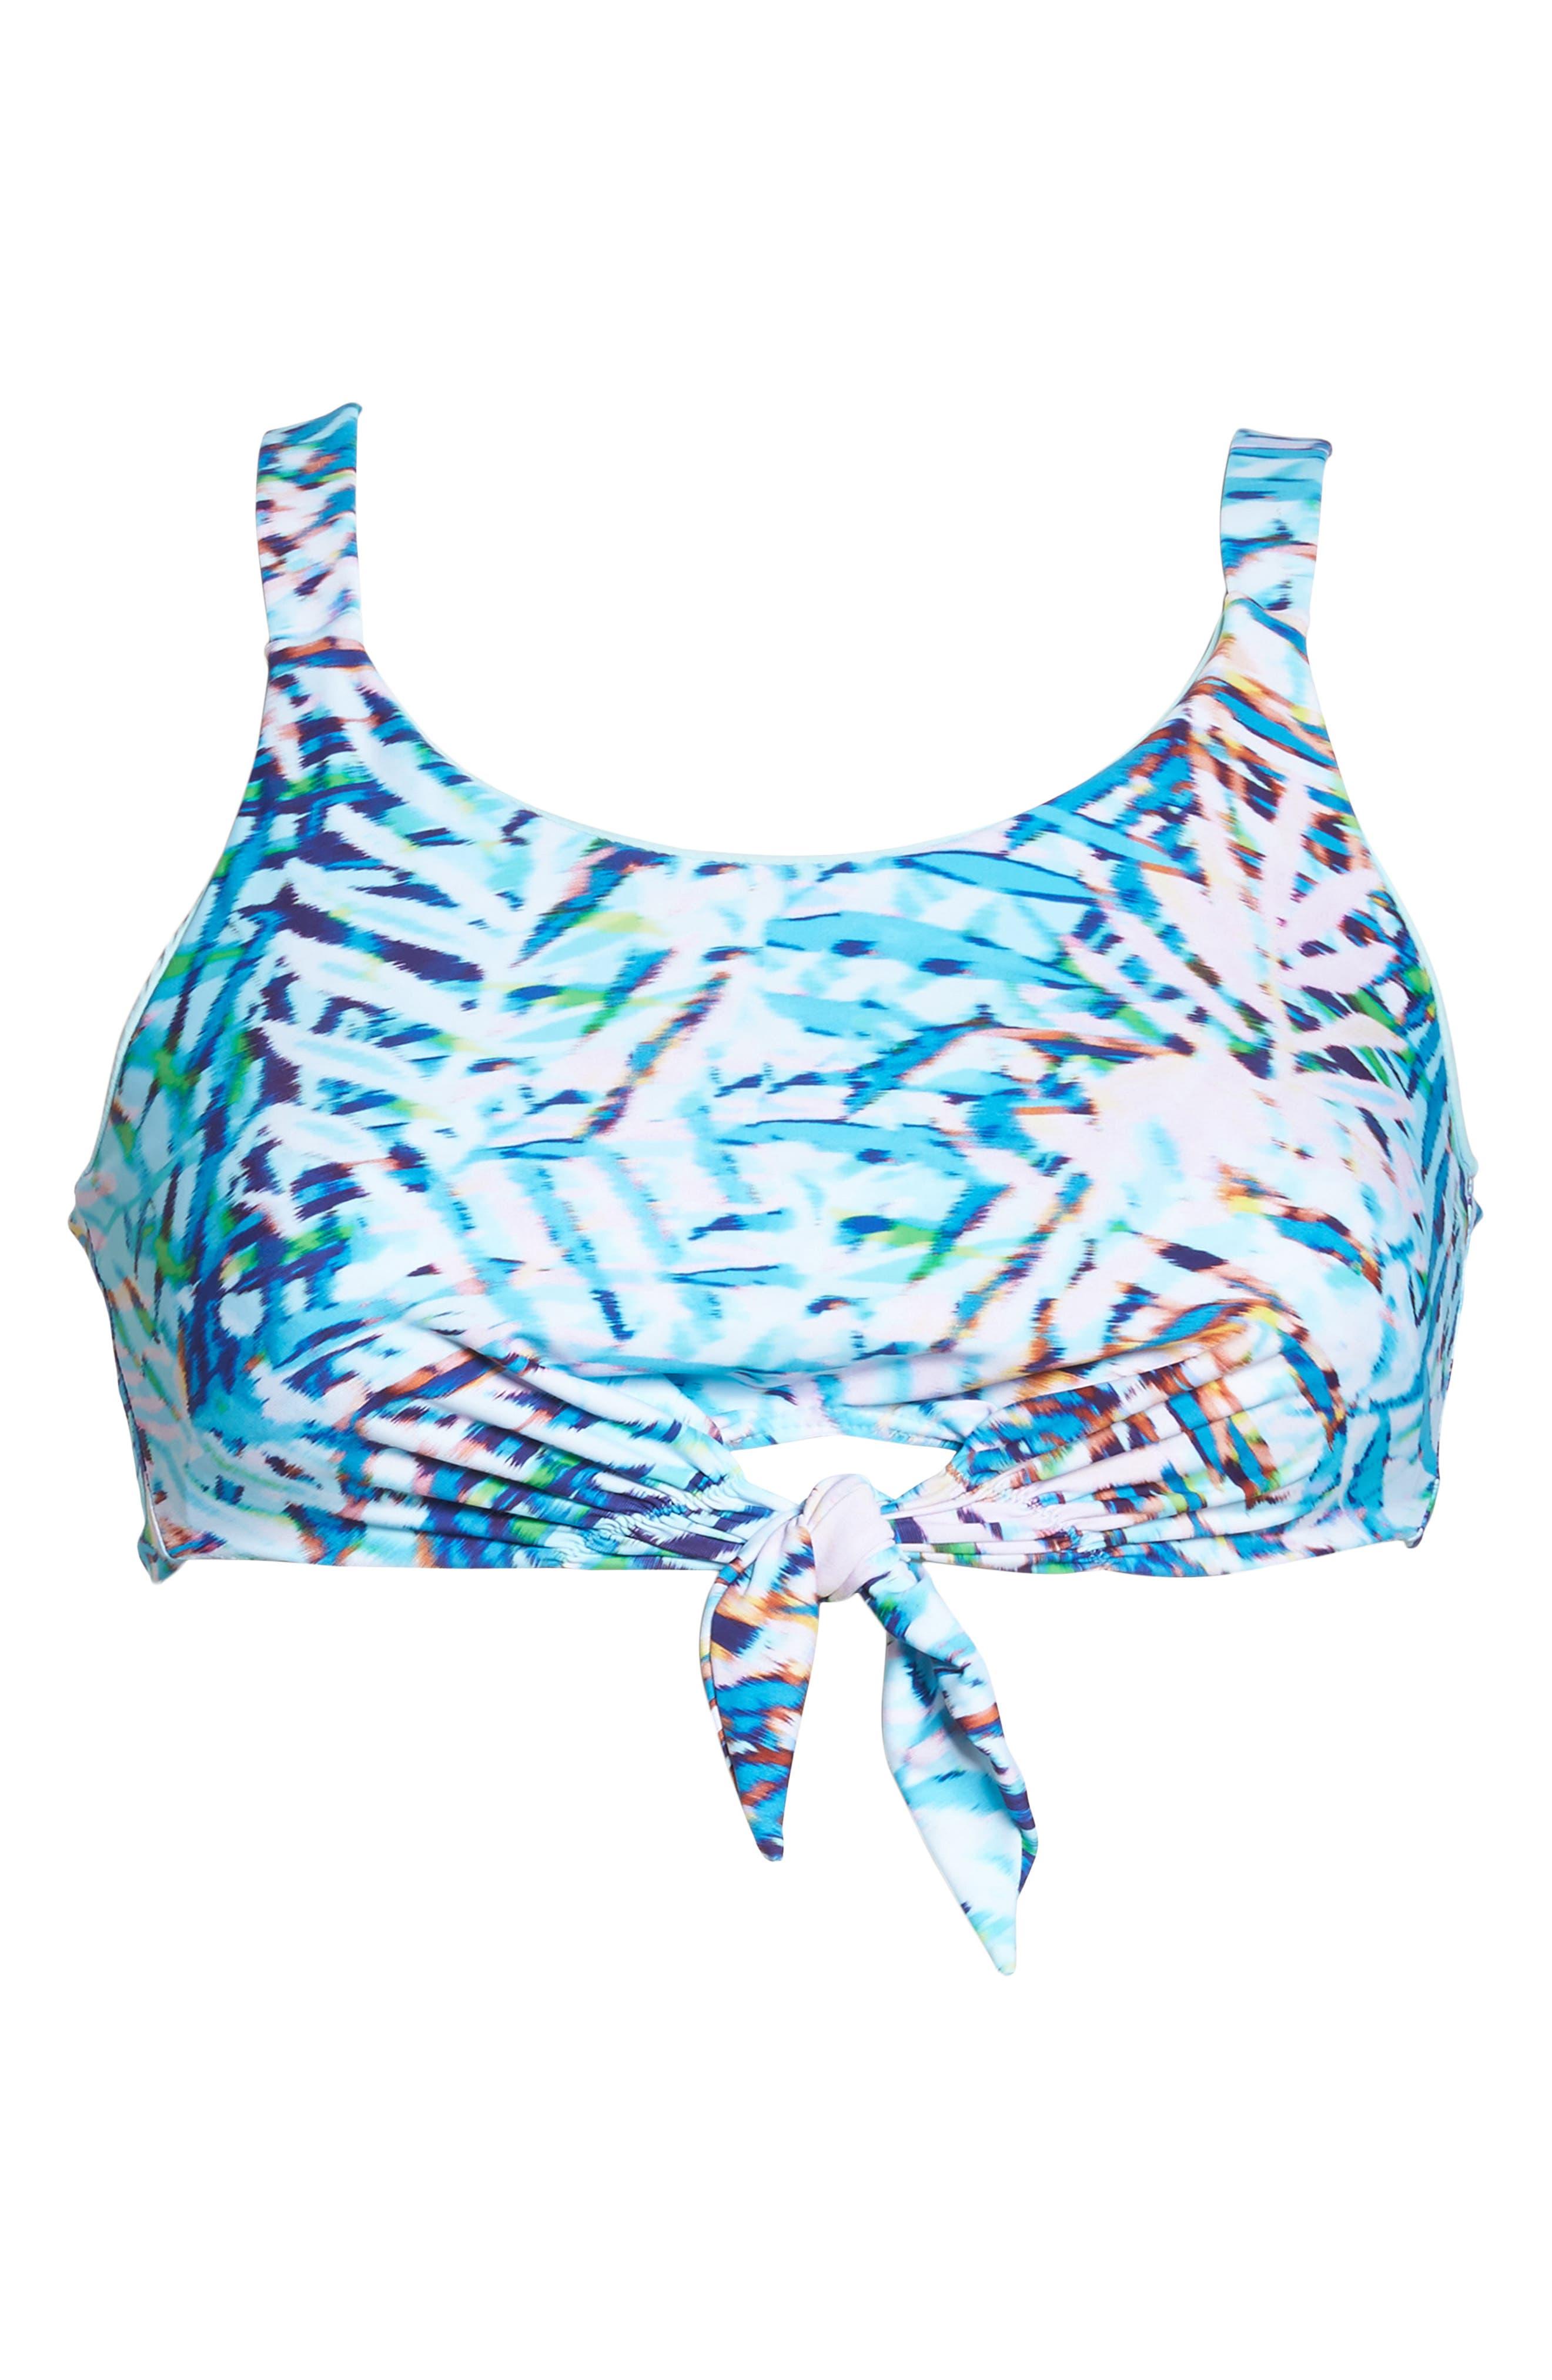 Knot Bikini Top,                             Alternate thumbnail 10, color,                             Palma